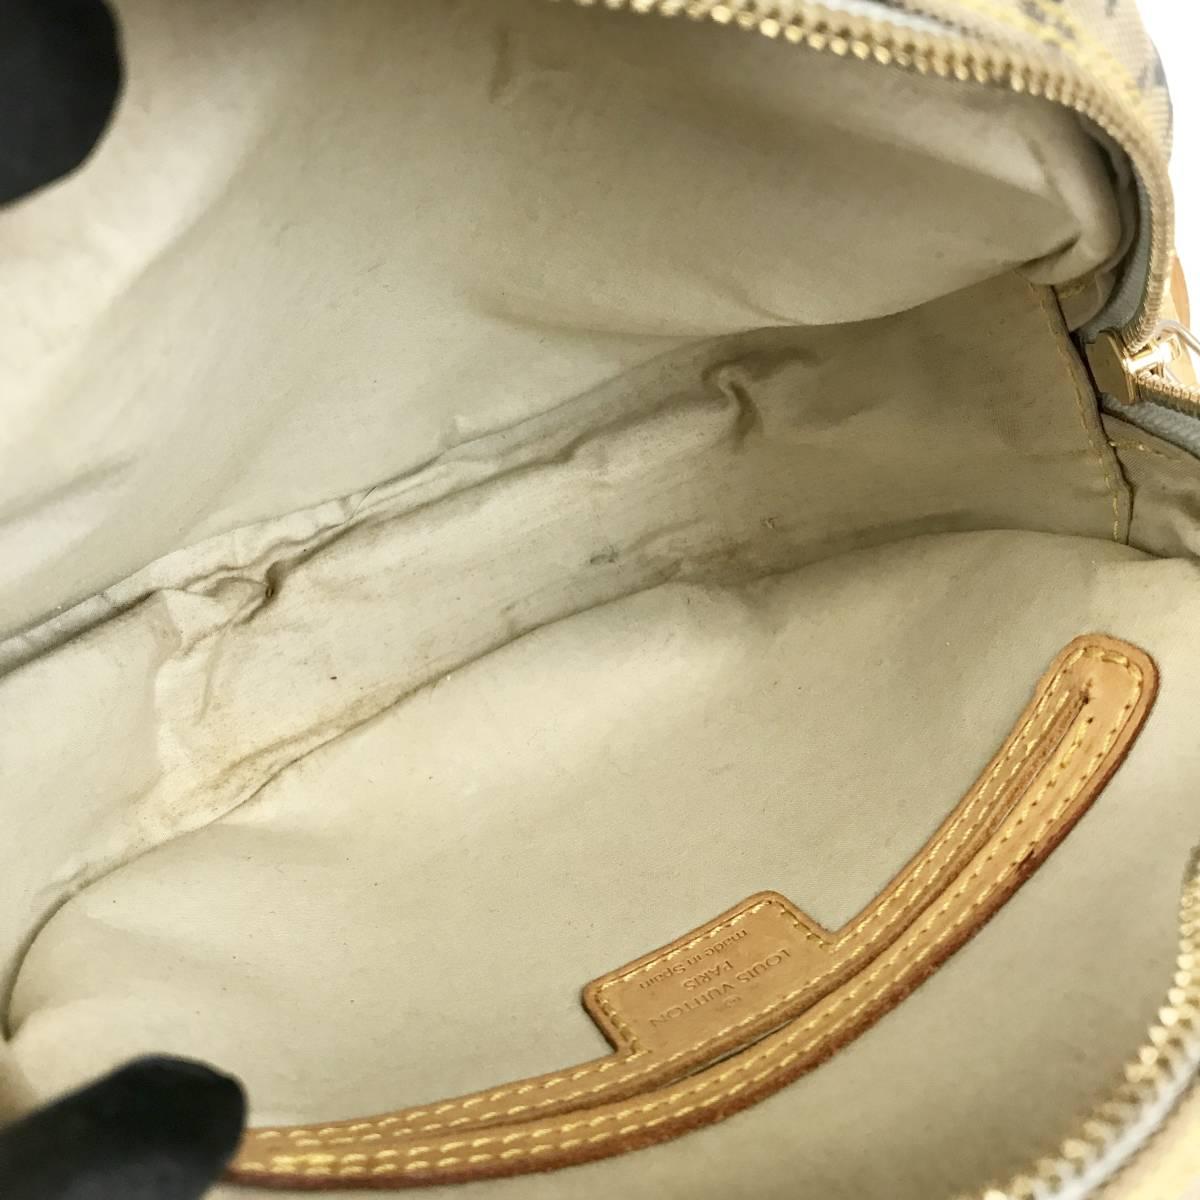 LOUIS VUITTON ルイヴィトン ショルダーバッグ モノグラムミニ ショルダーバッグ ポシェット ジャンヌGM M92000_画像10